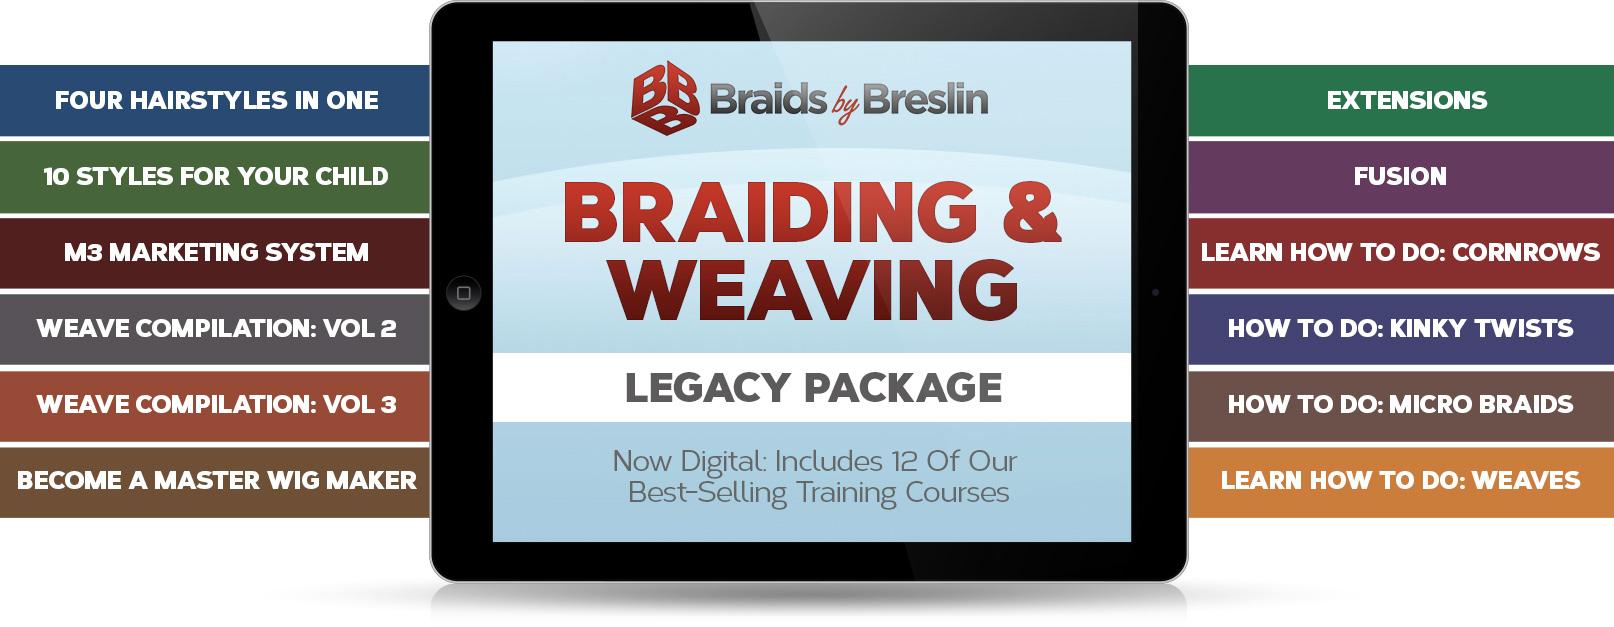 bbb-legacy-package@2x.jpg